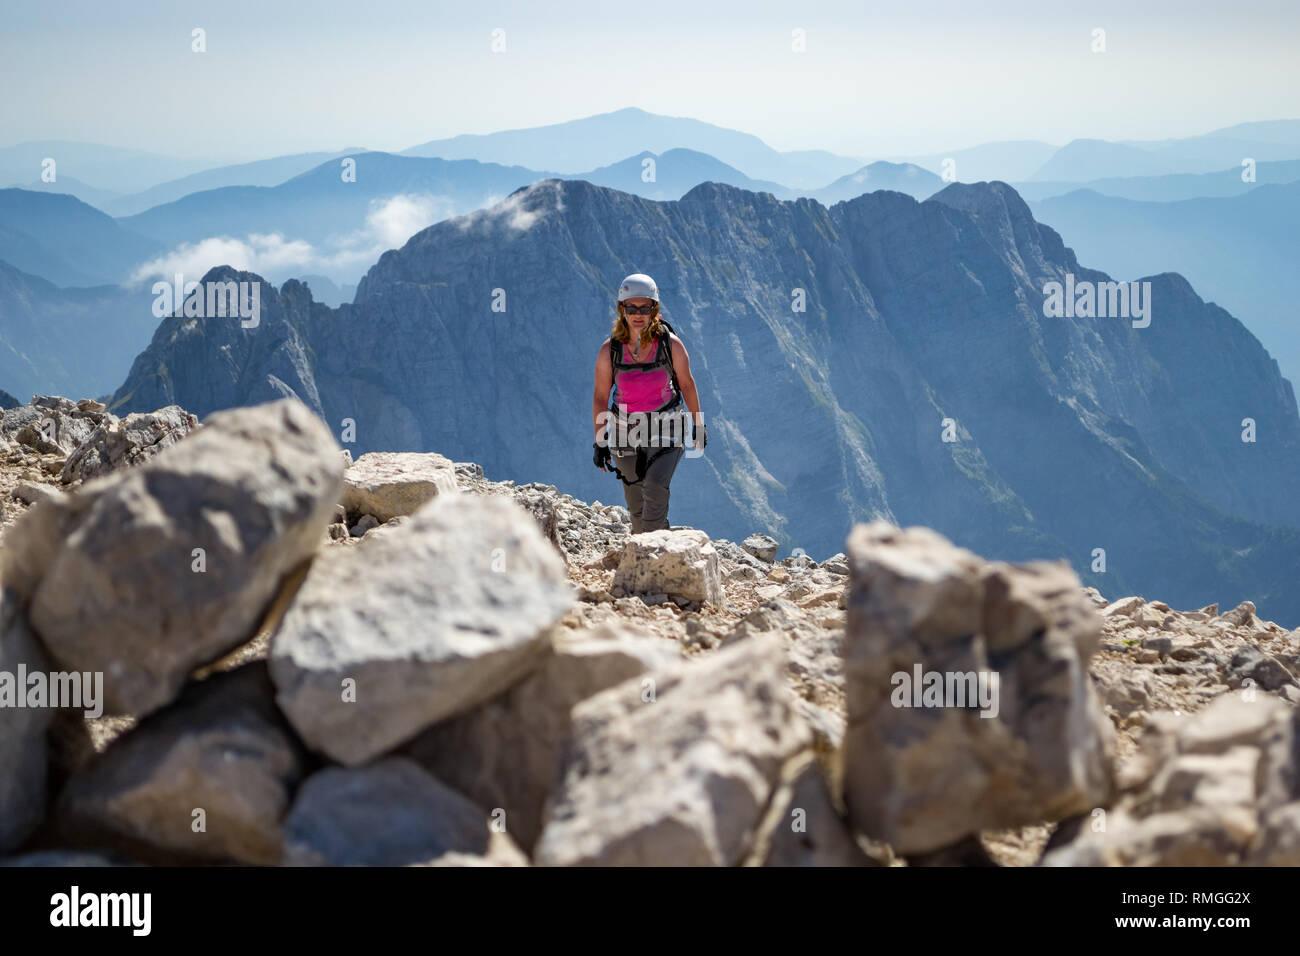 Klettersteig Weibl : Weibliche kletterer finishing ein klettersteig route auf veliki